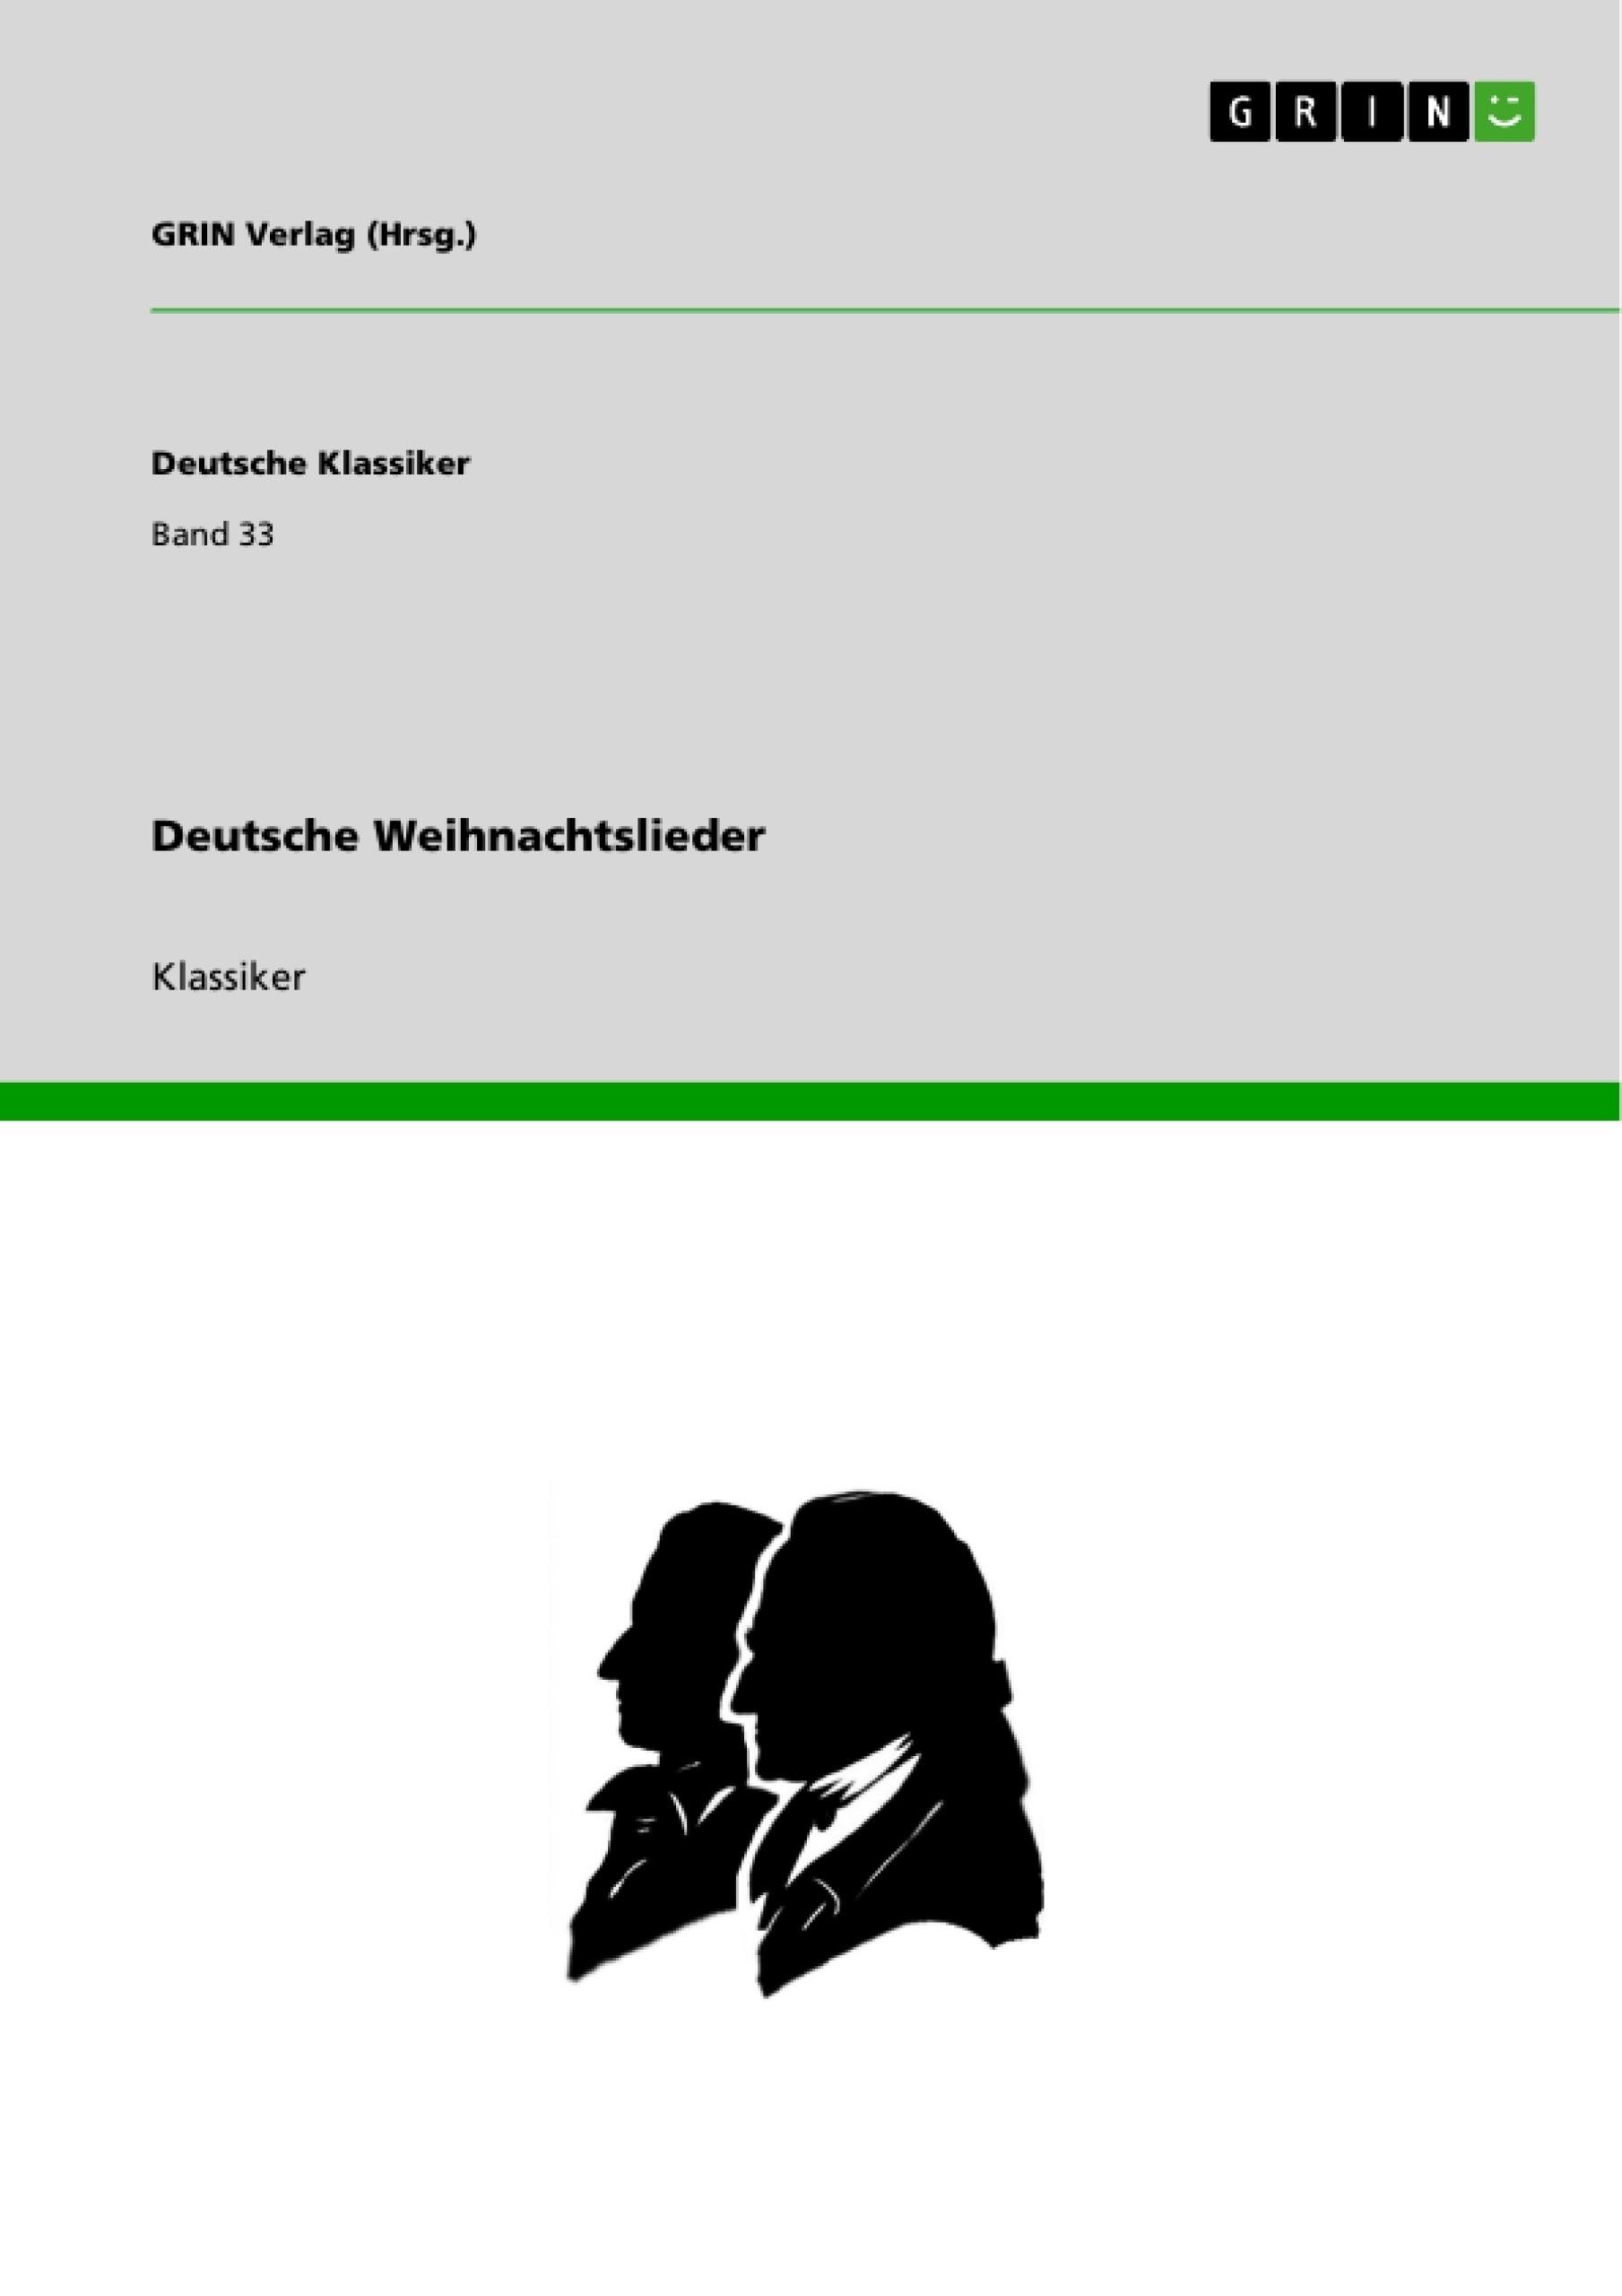 Weihnachtslieder Deutsch Kostenlos.Grin Deutsche Weihnachtslieder